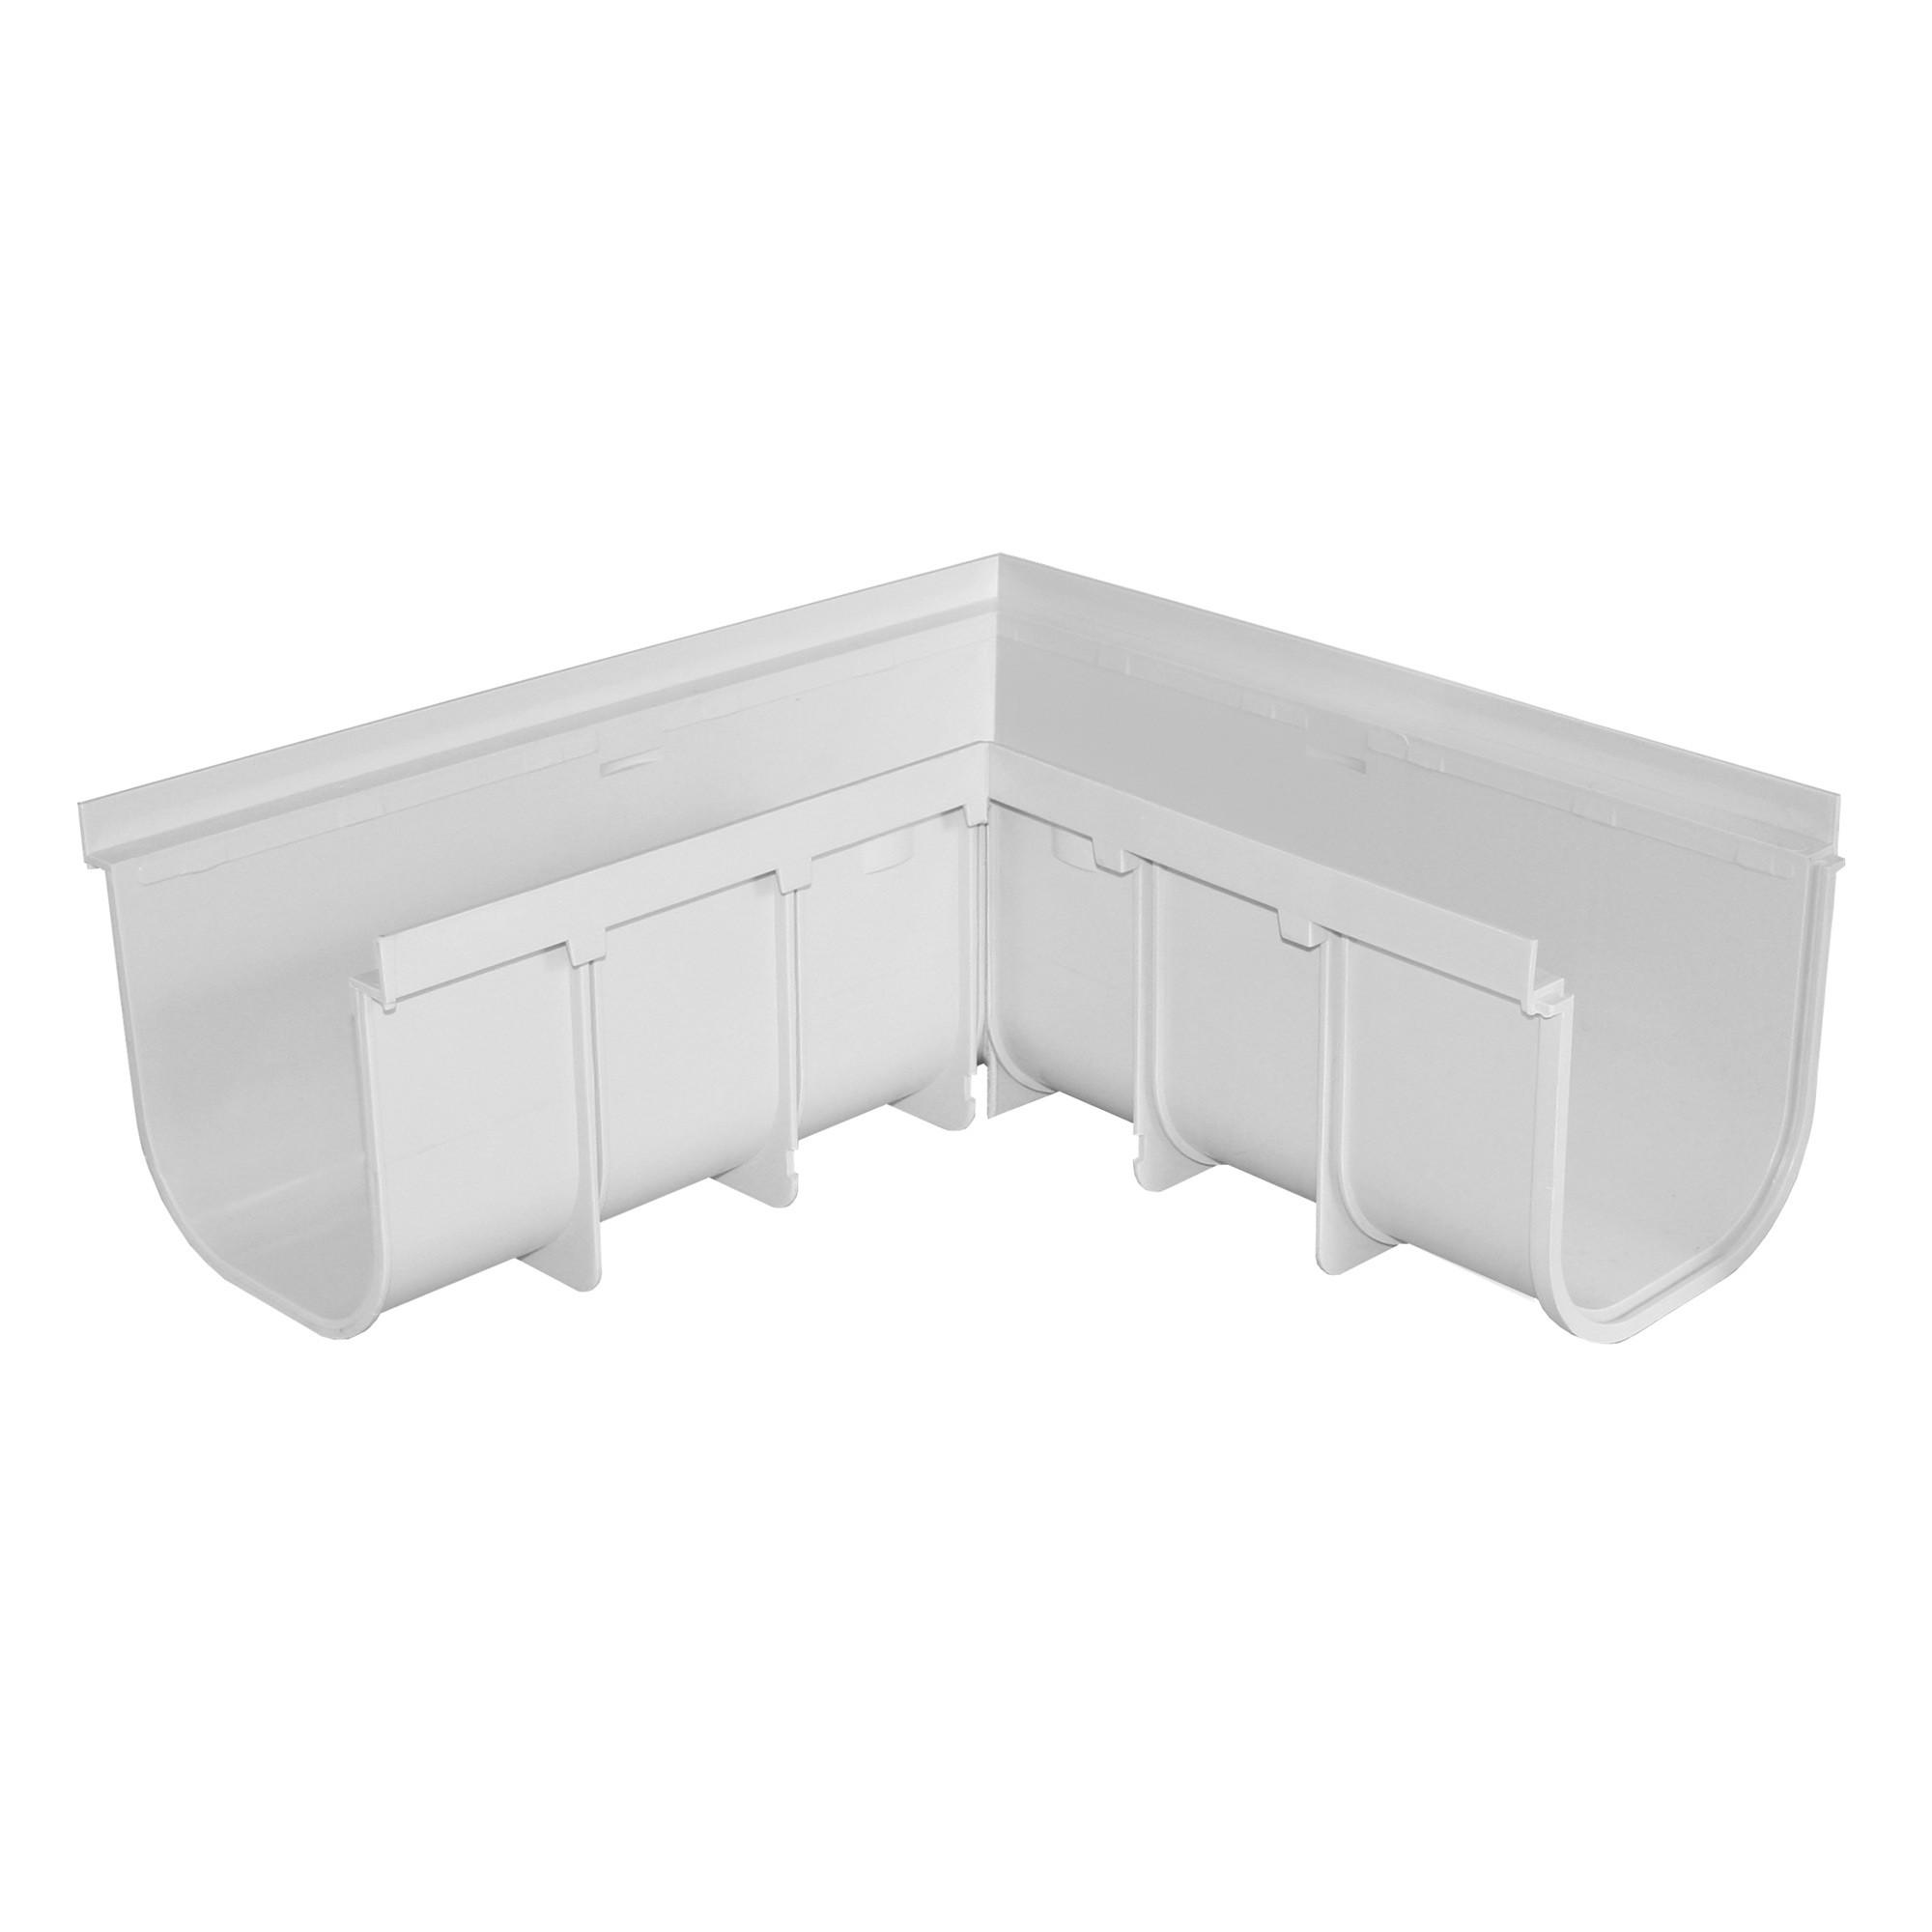 angle gauche pour caniveau pvc s rie 200 haut anjou. Black Bedroom Furniture Sets. Home Design Ideas